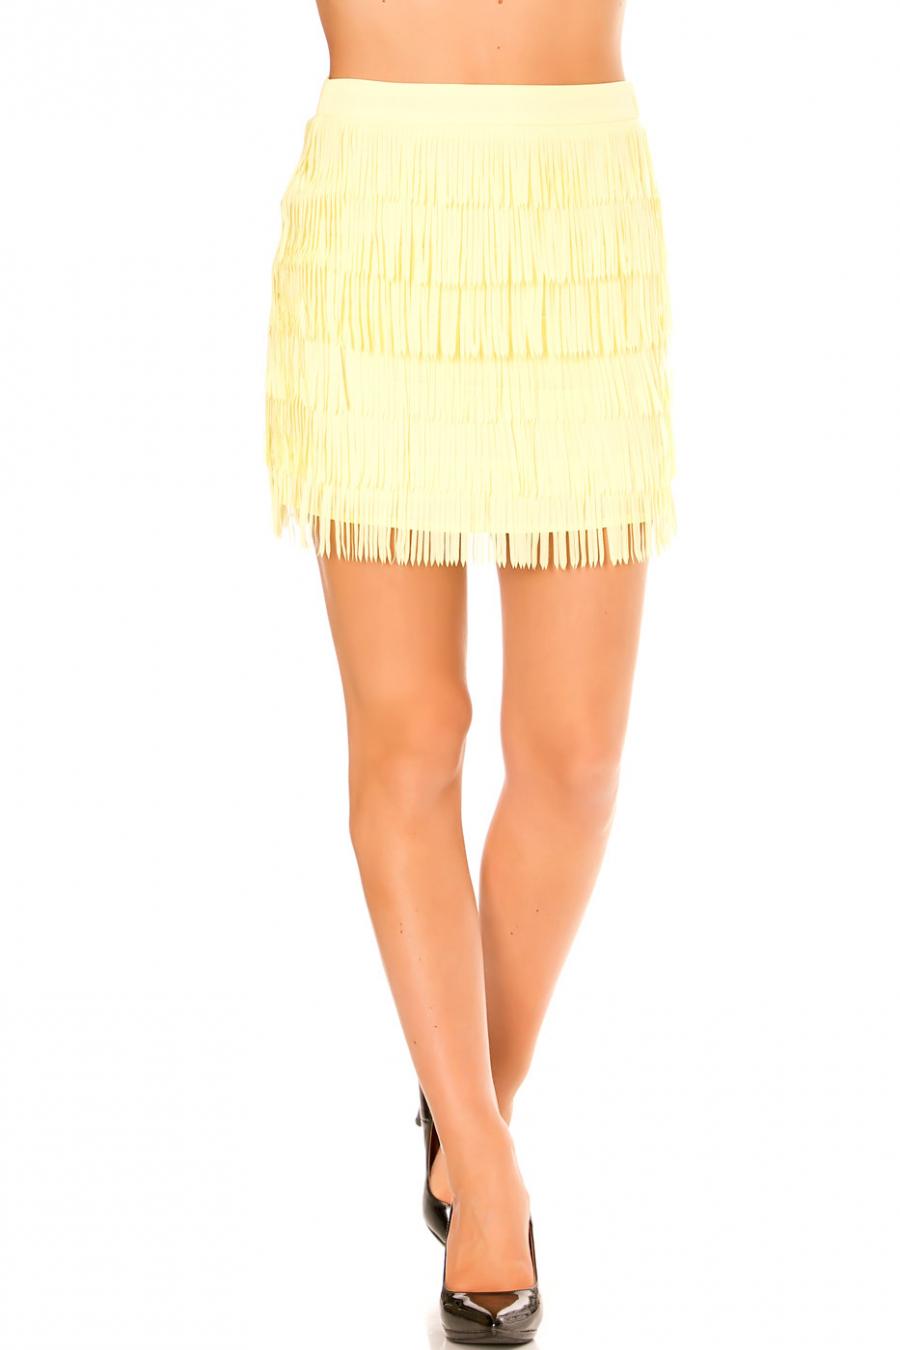 Zeer modieuze gele minirok met franje ideaal voor de zomer. Goedkope damesmode. 7785